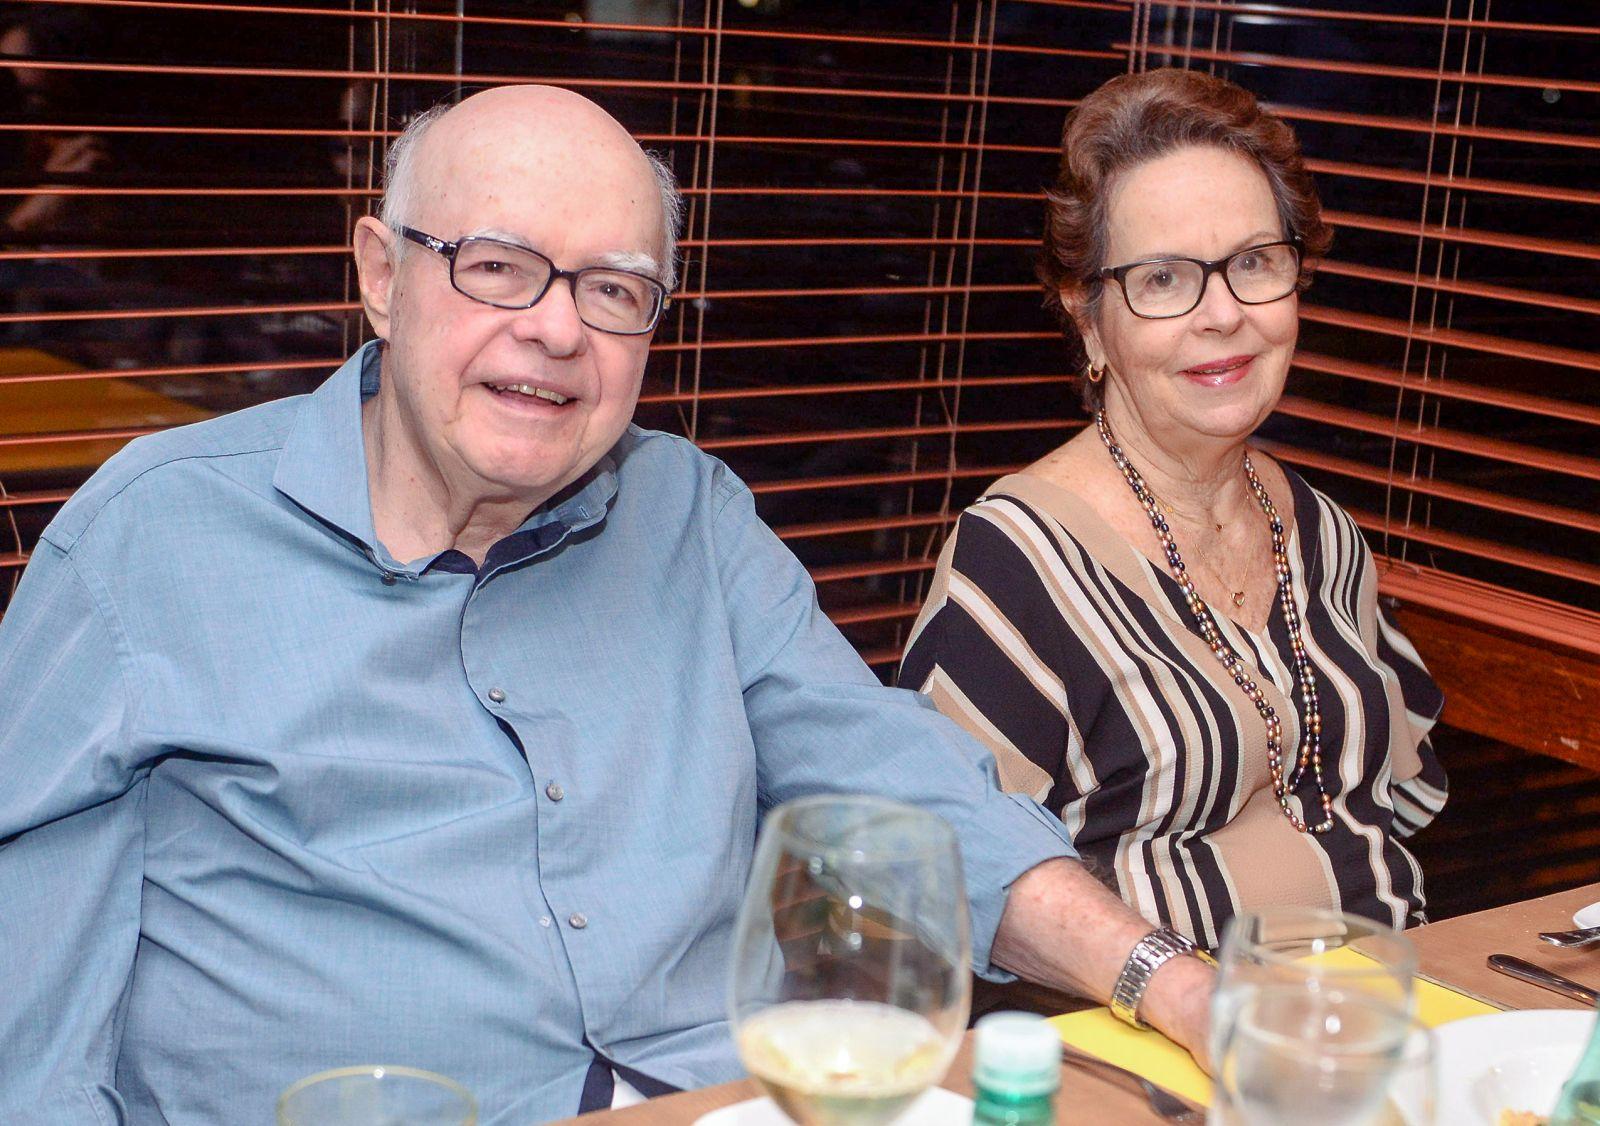 Professor Manoel Barros e Stela é o casal destaque de hoje dia 20 de setembro. Click